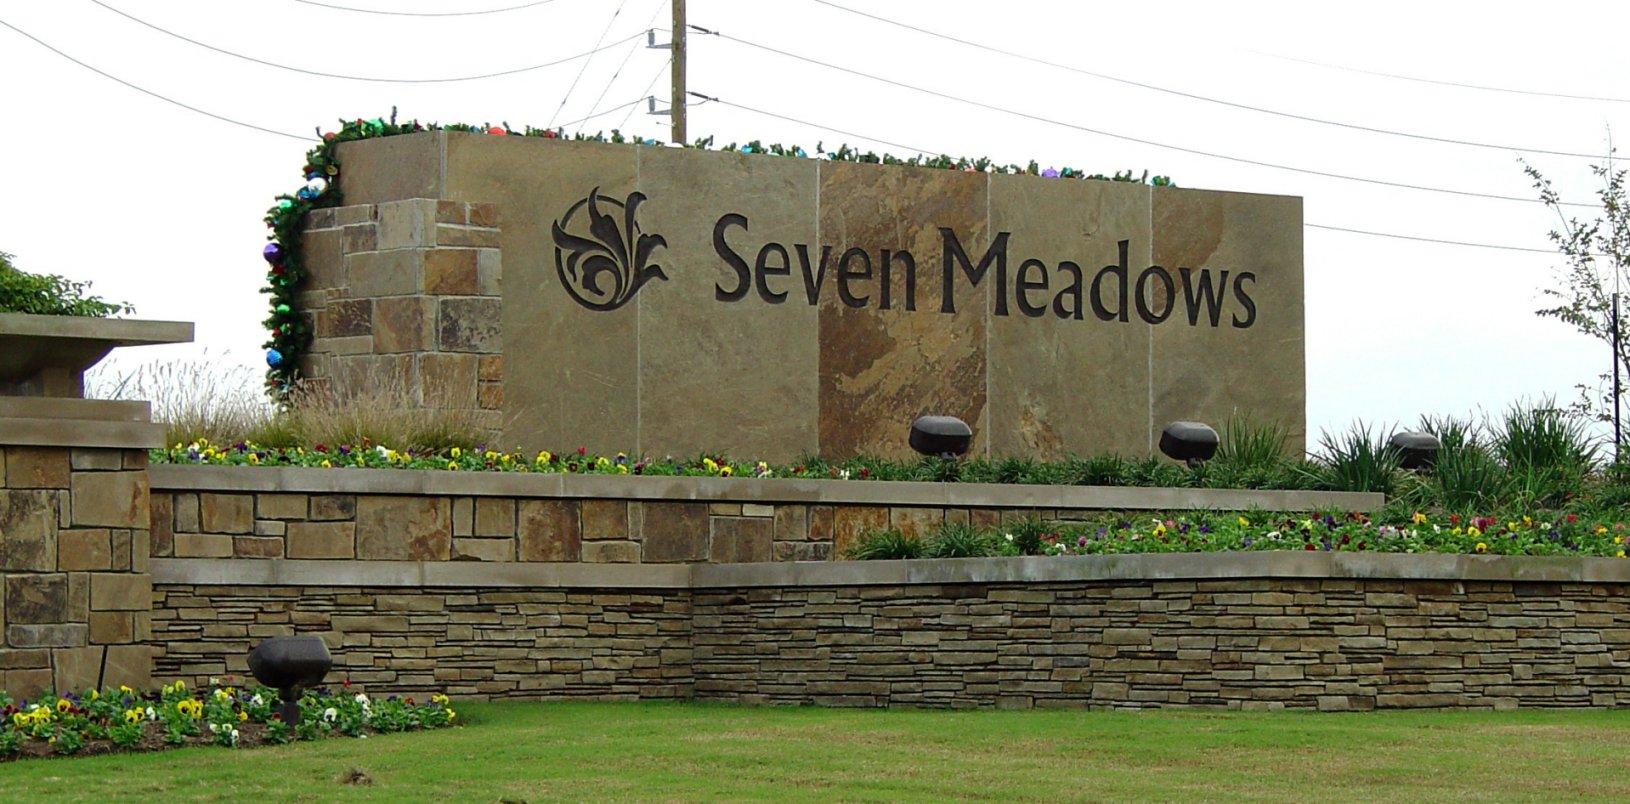 Seven Meadows